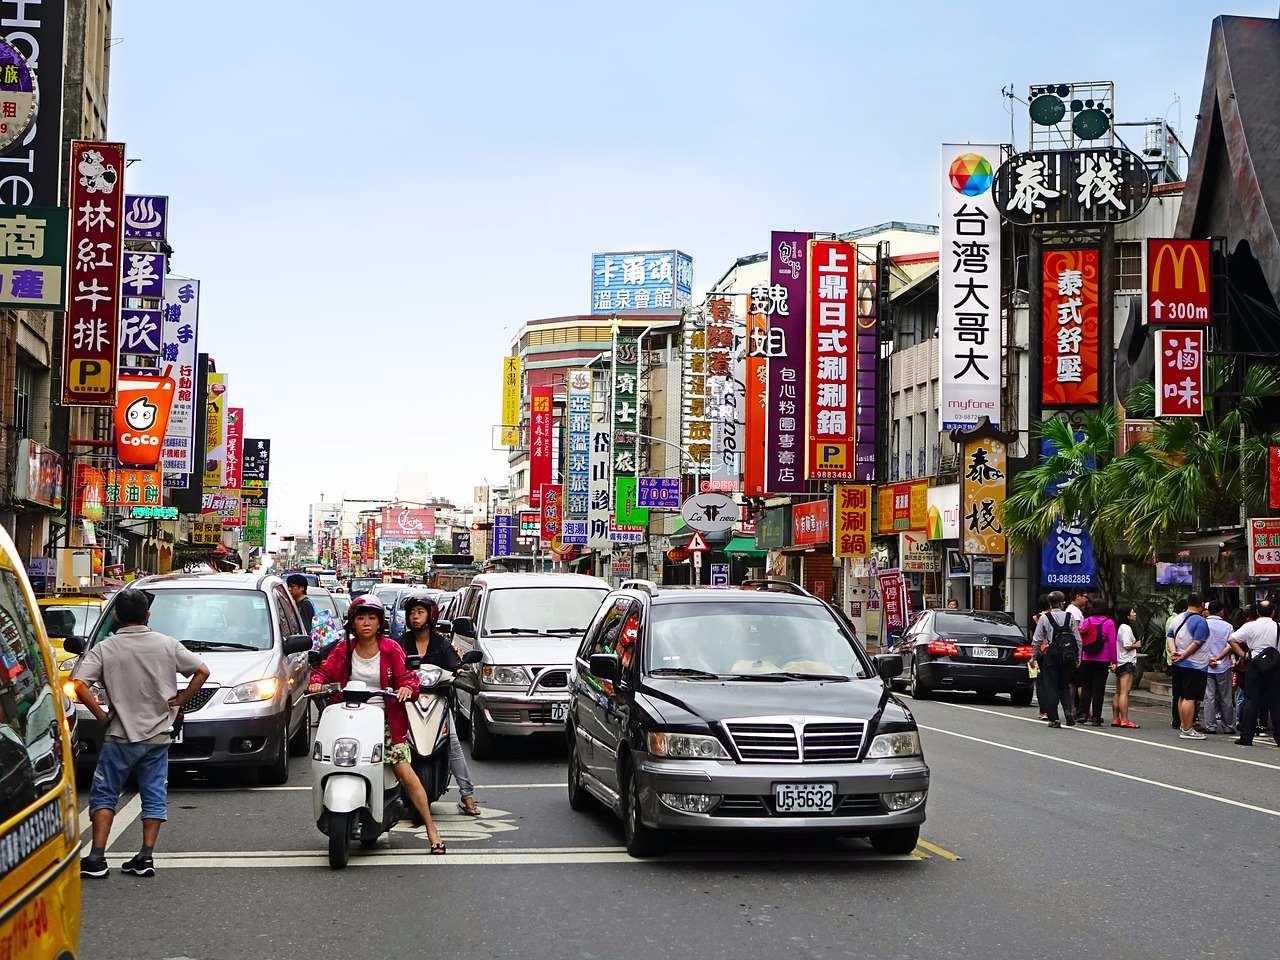 臺灣人似乎比較偏好「自然」,社會壓力真的不大,就像日韓女生出門幾乎都要化全妝,但臺灣女生不用